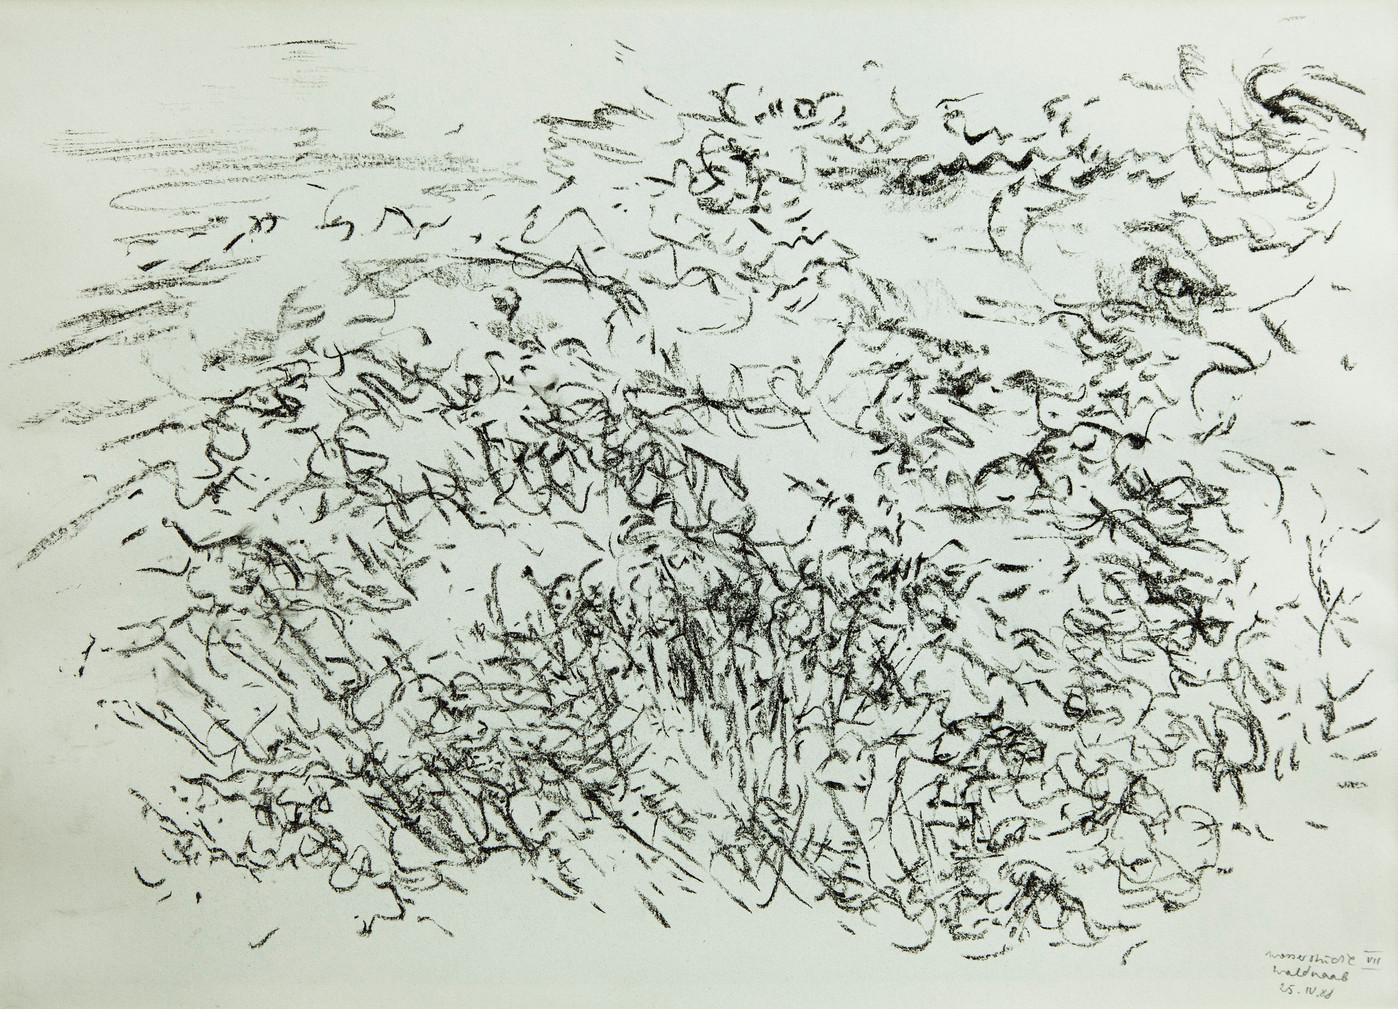 07_Wasserstudie VII - Waldnaab, 25.IV.19